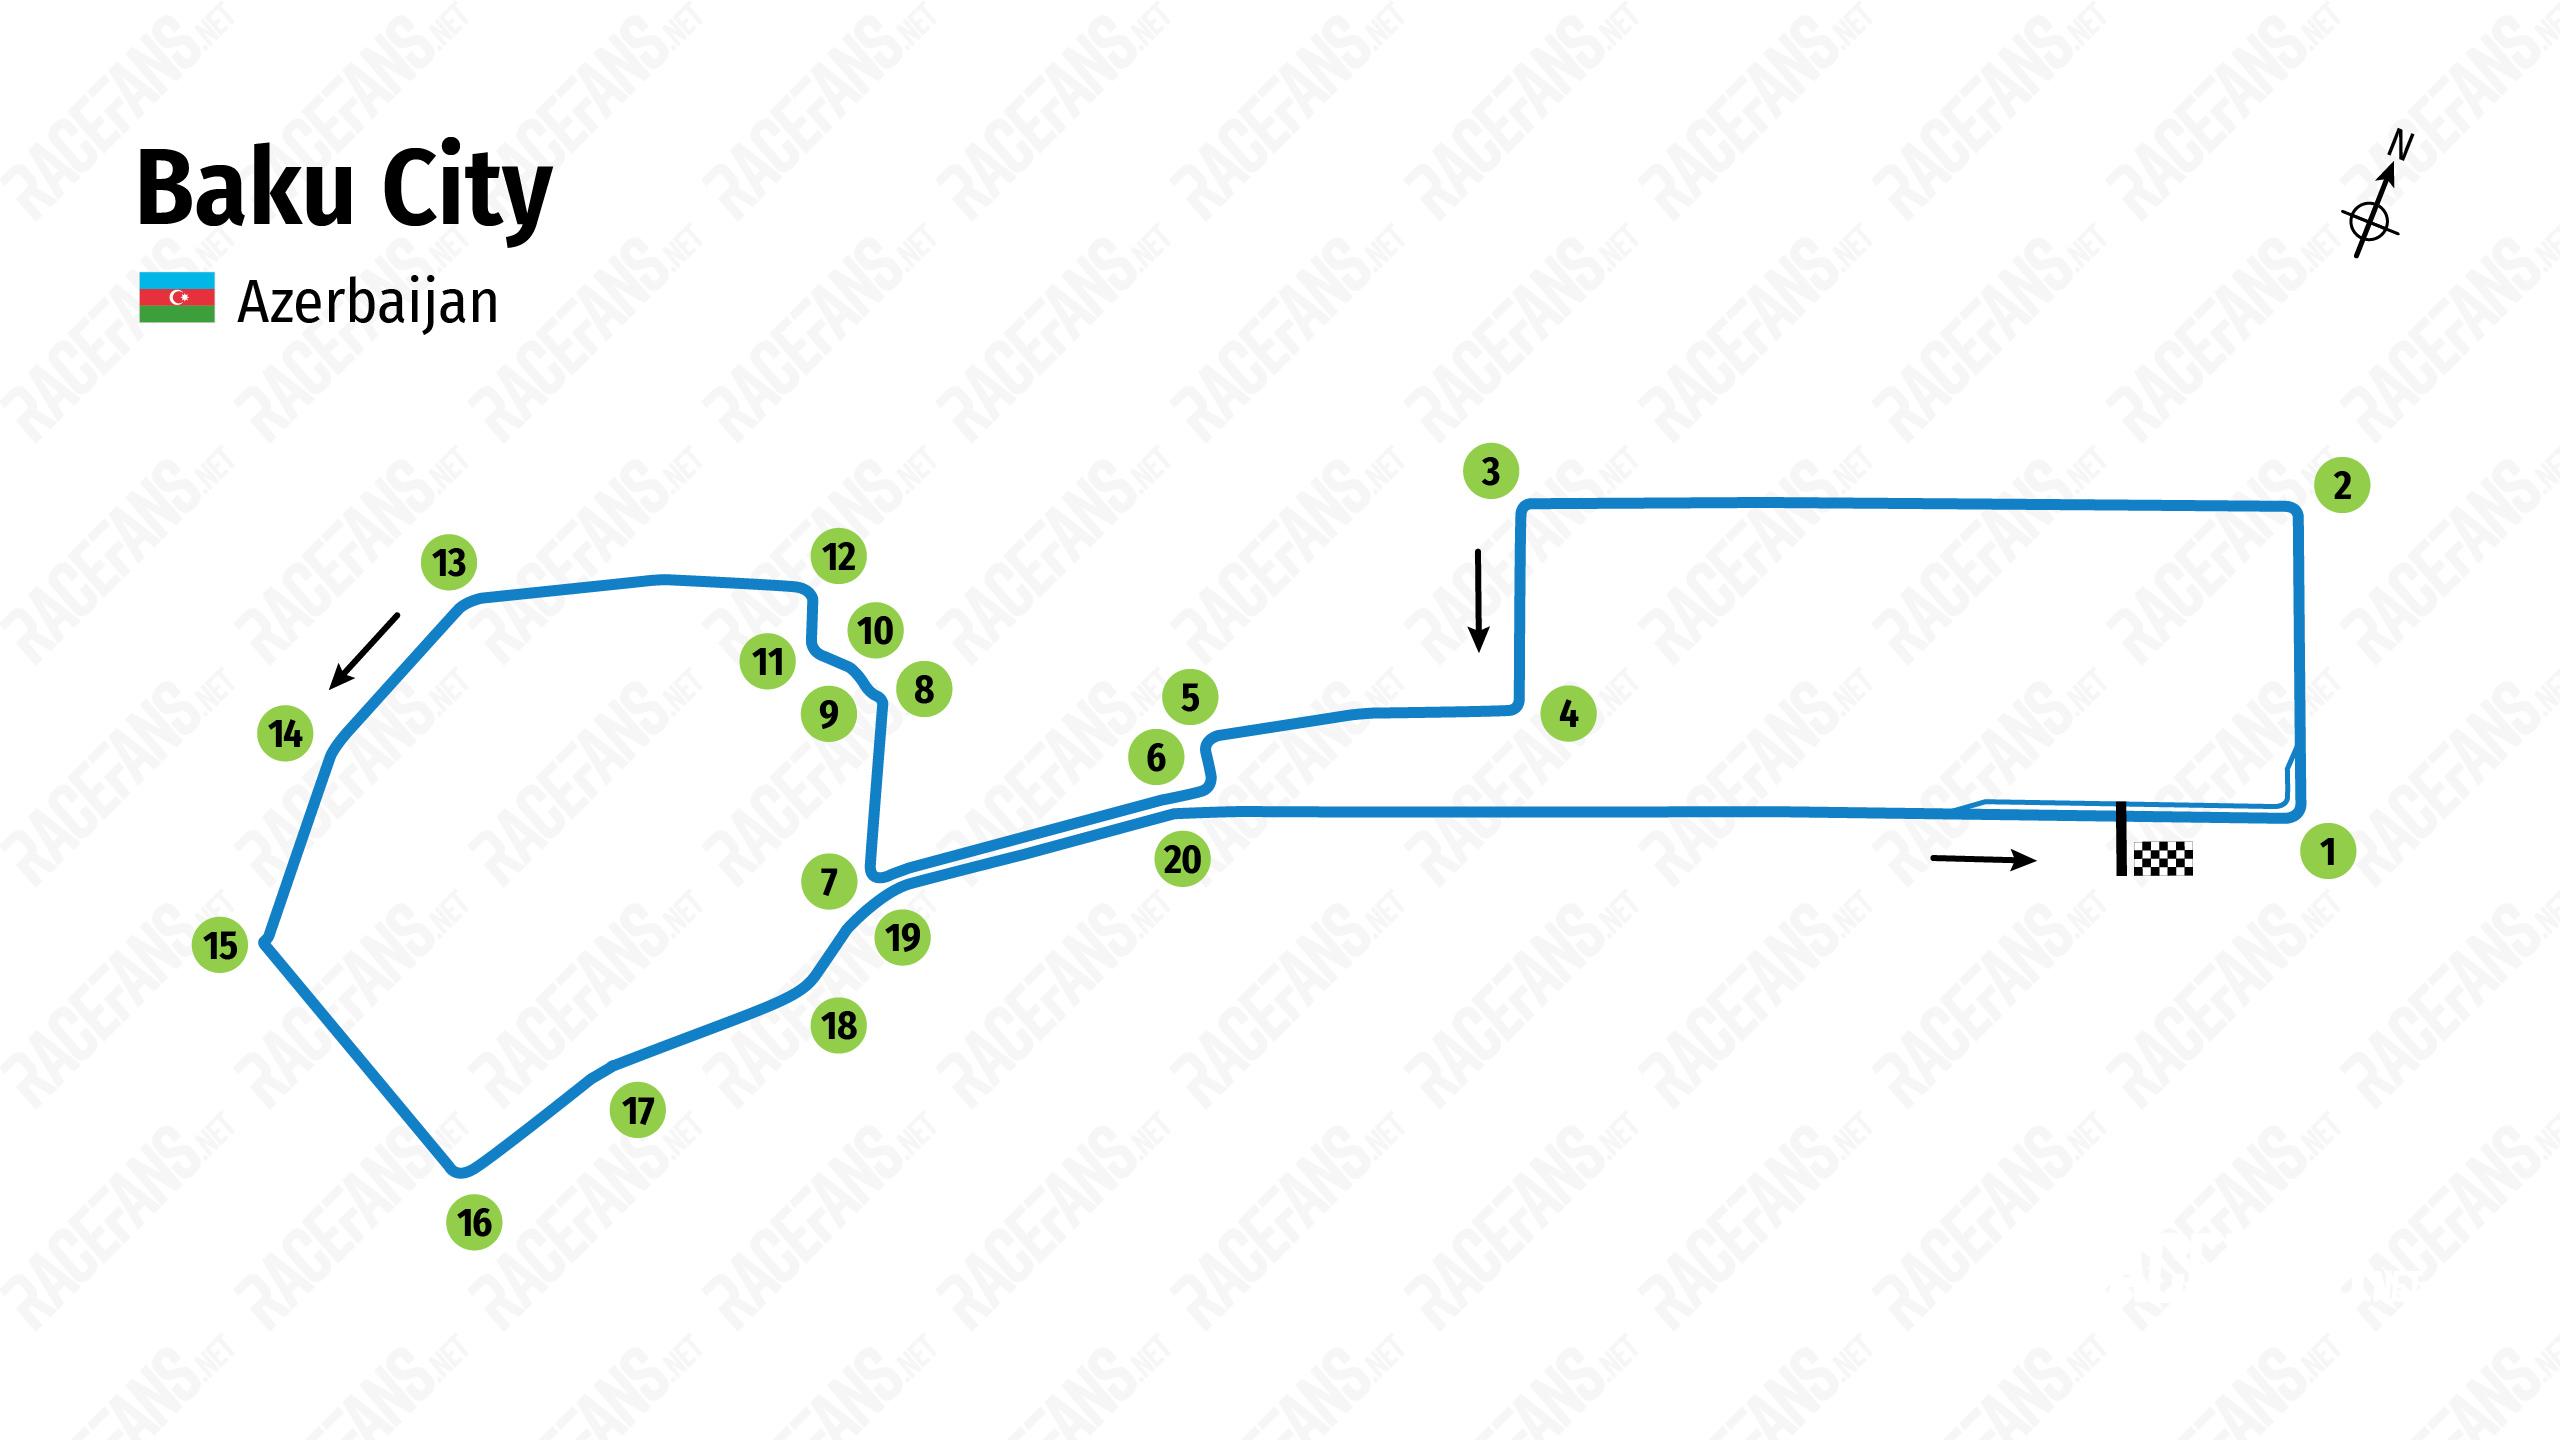 Baku City Circuit track map, 2021